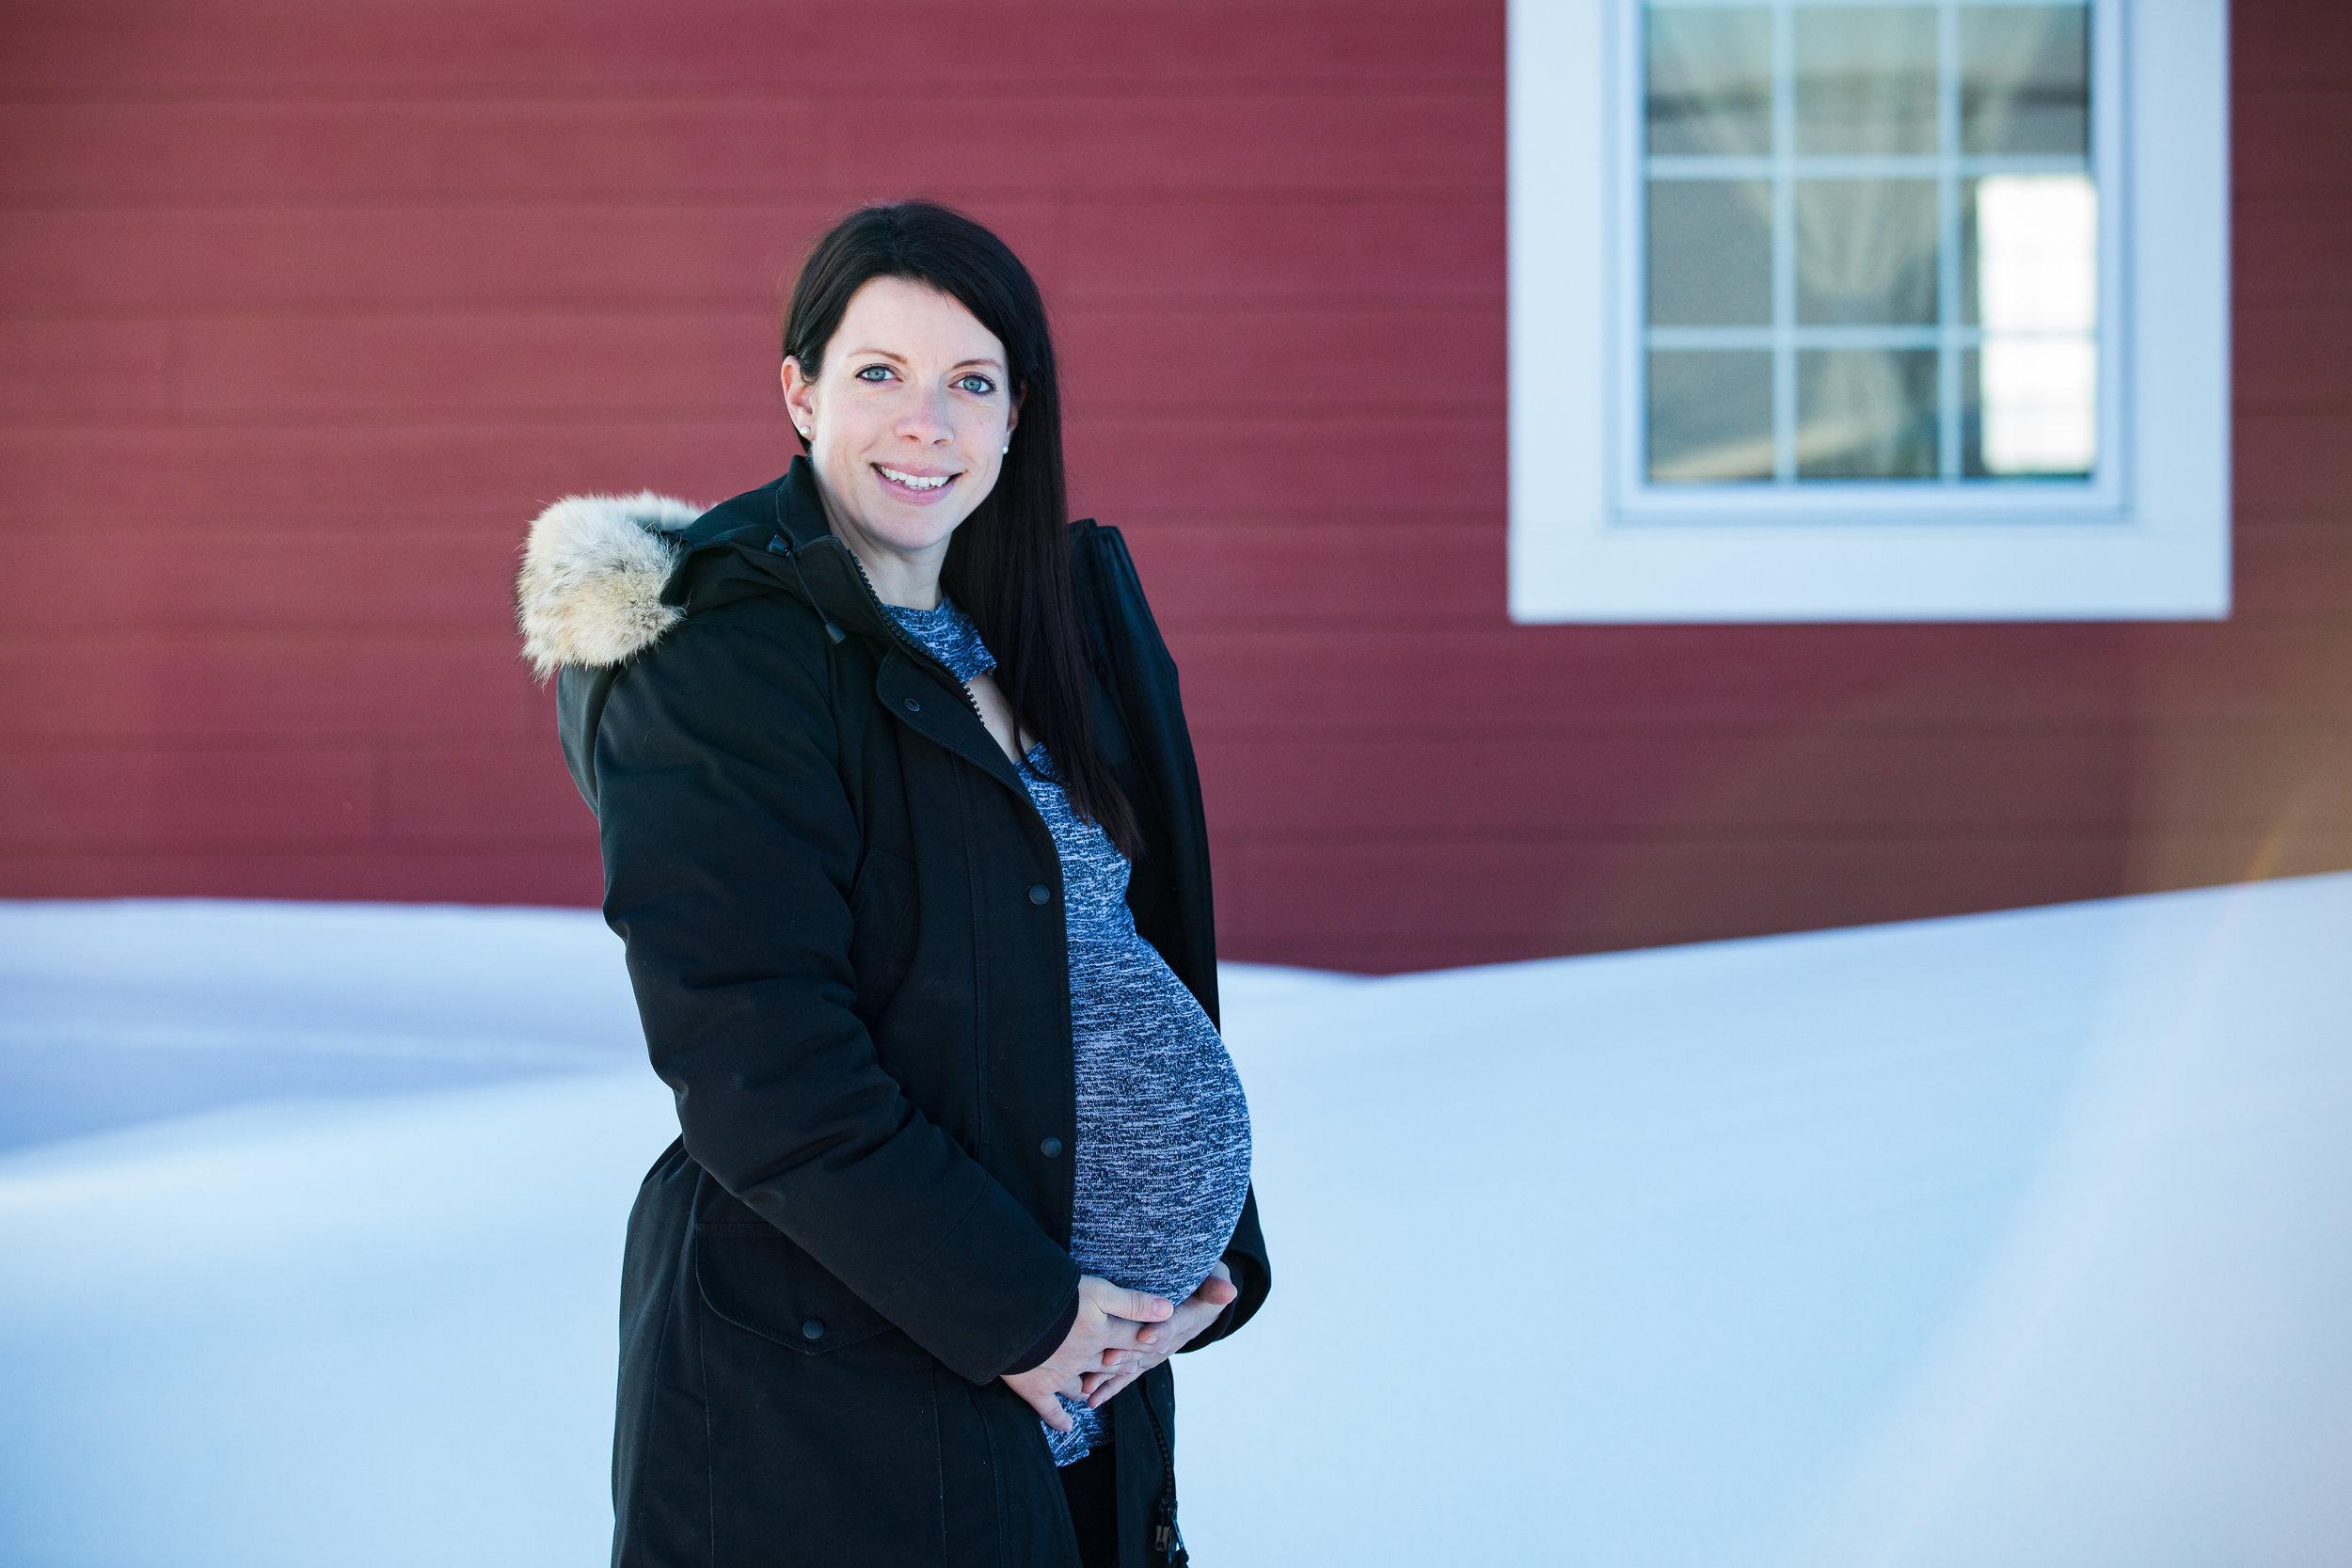 calgary maternity photos 27